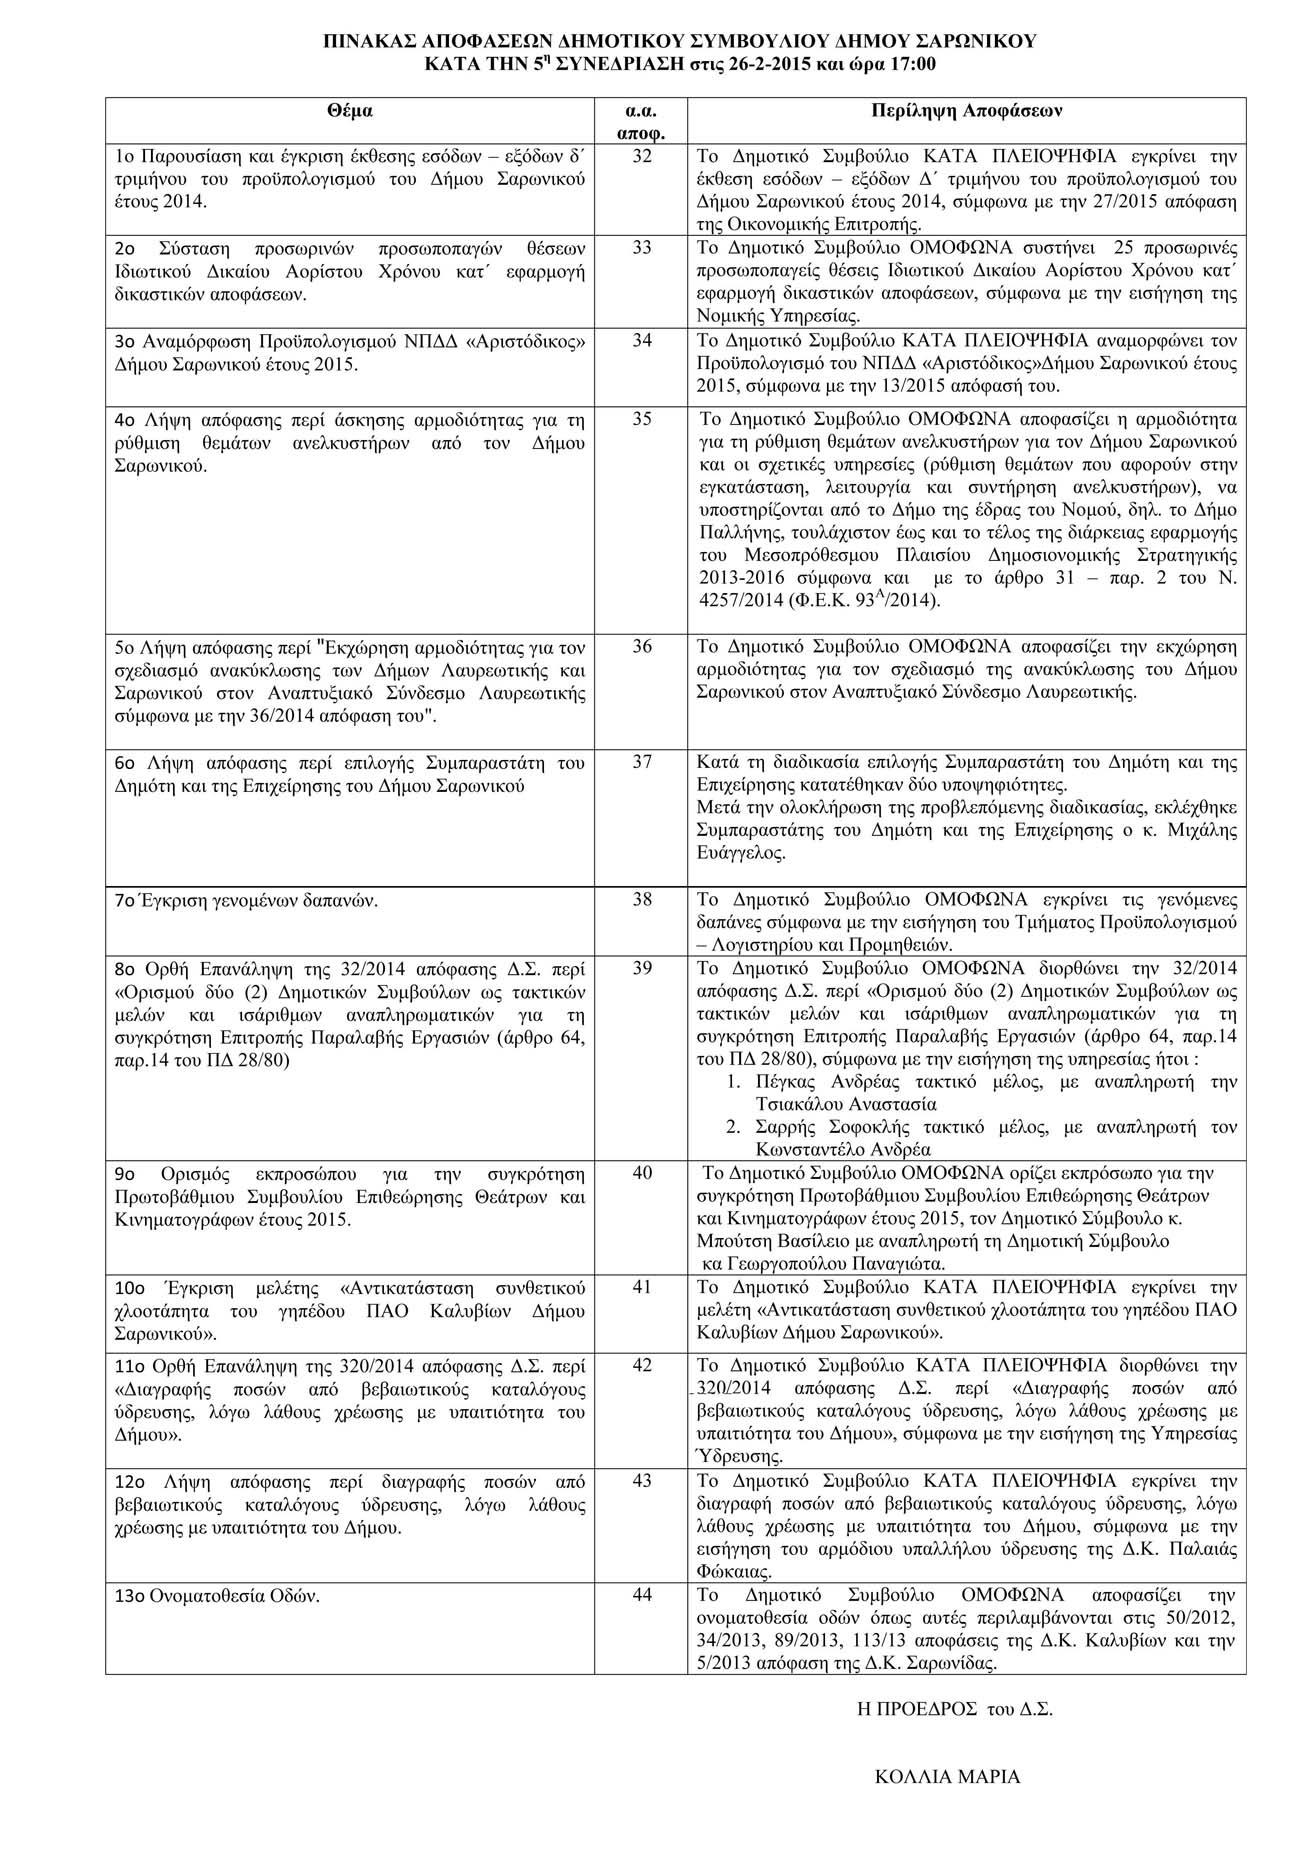 Πίνακας Αποφάσεων Δημοτικού Συμβουλίου 26-2-2015